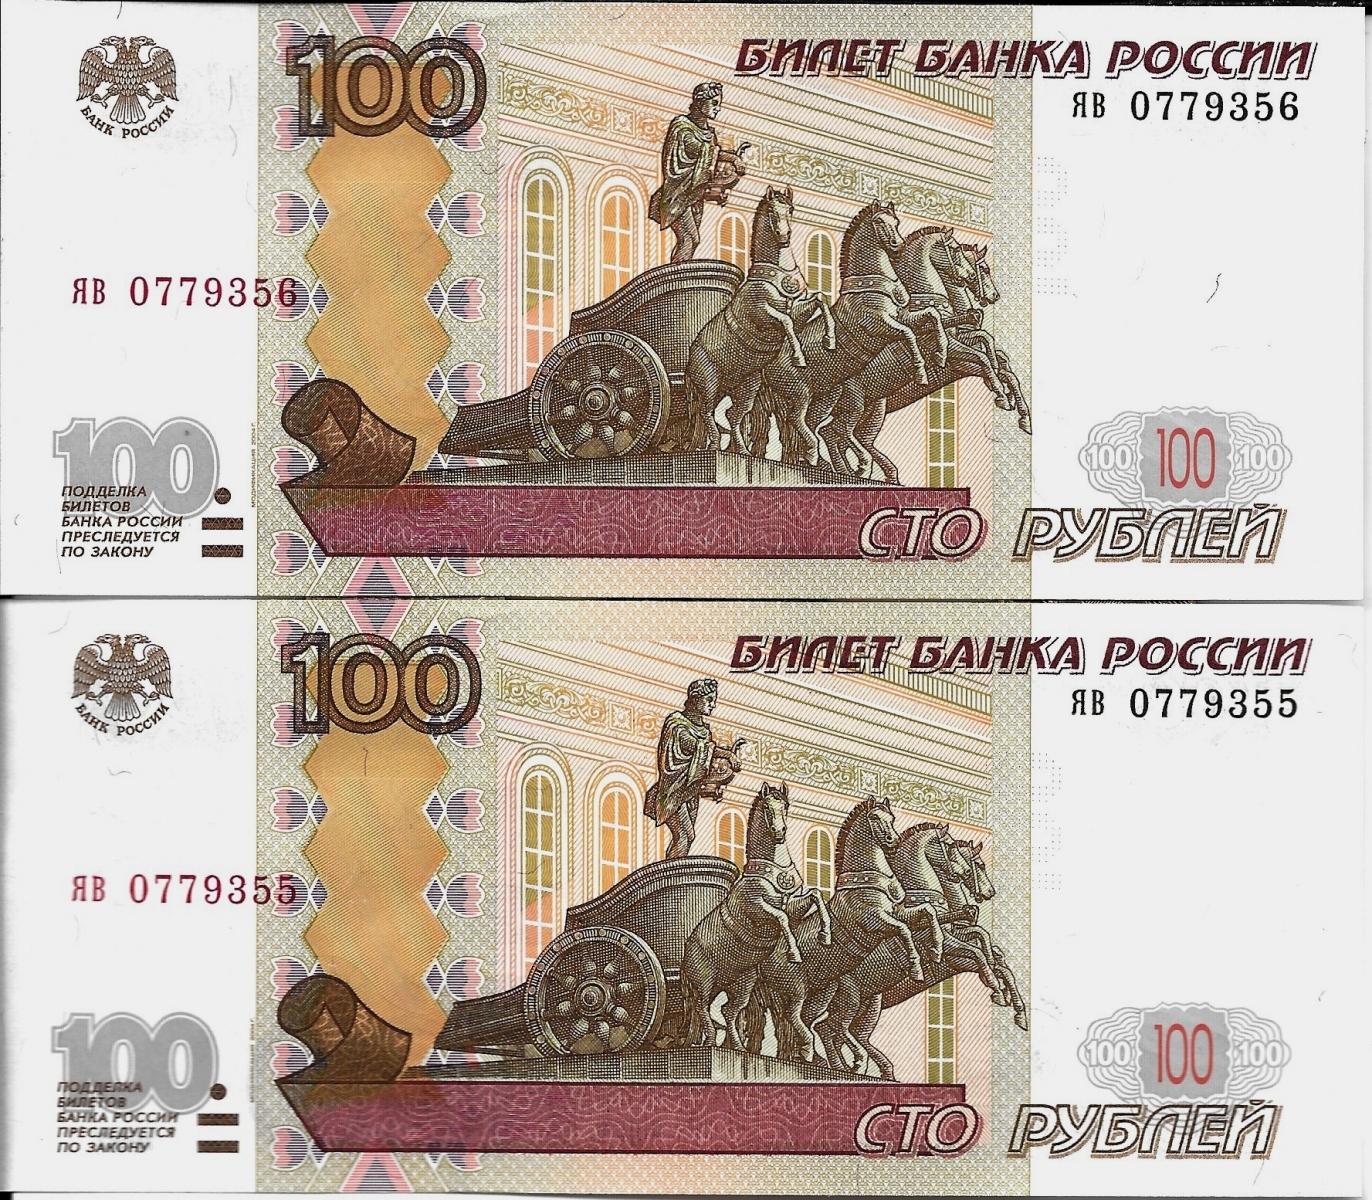 600 рублей фото 2 коп 1810 года цена